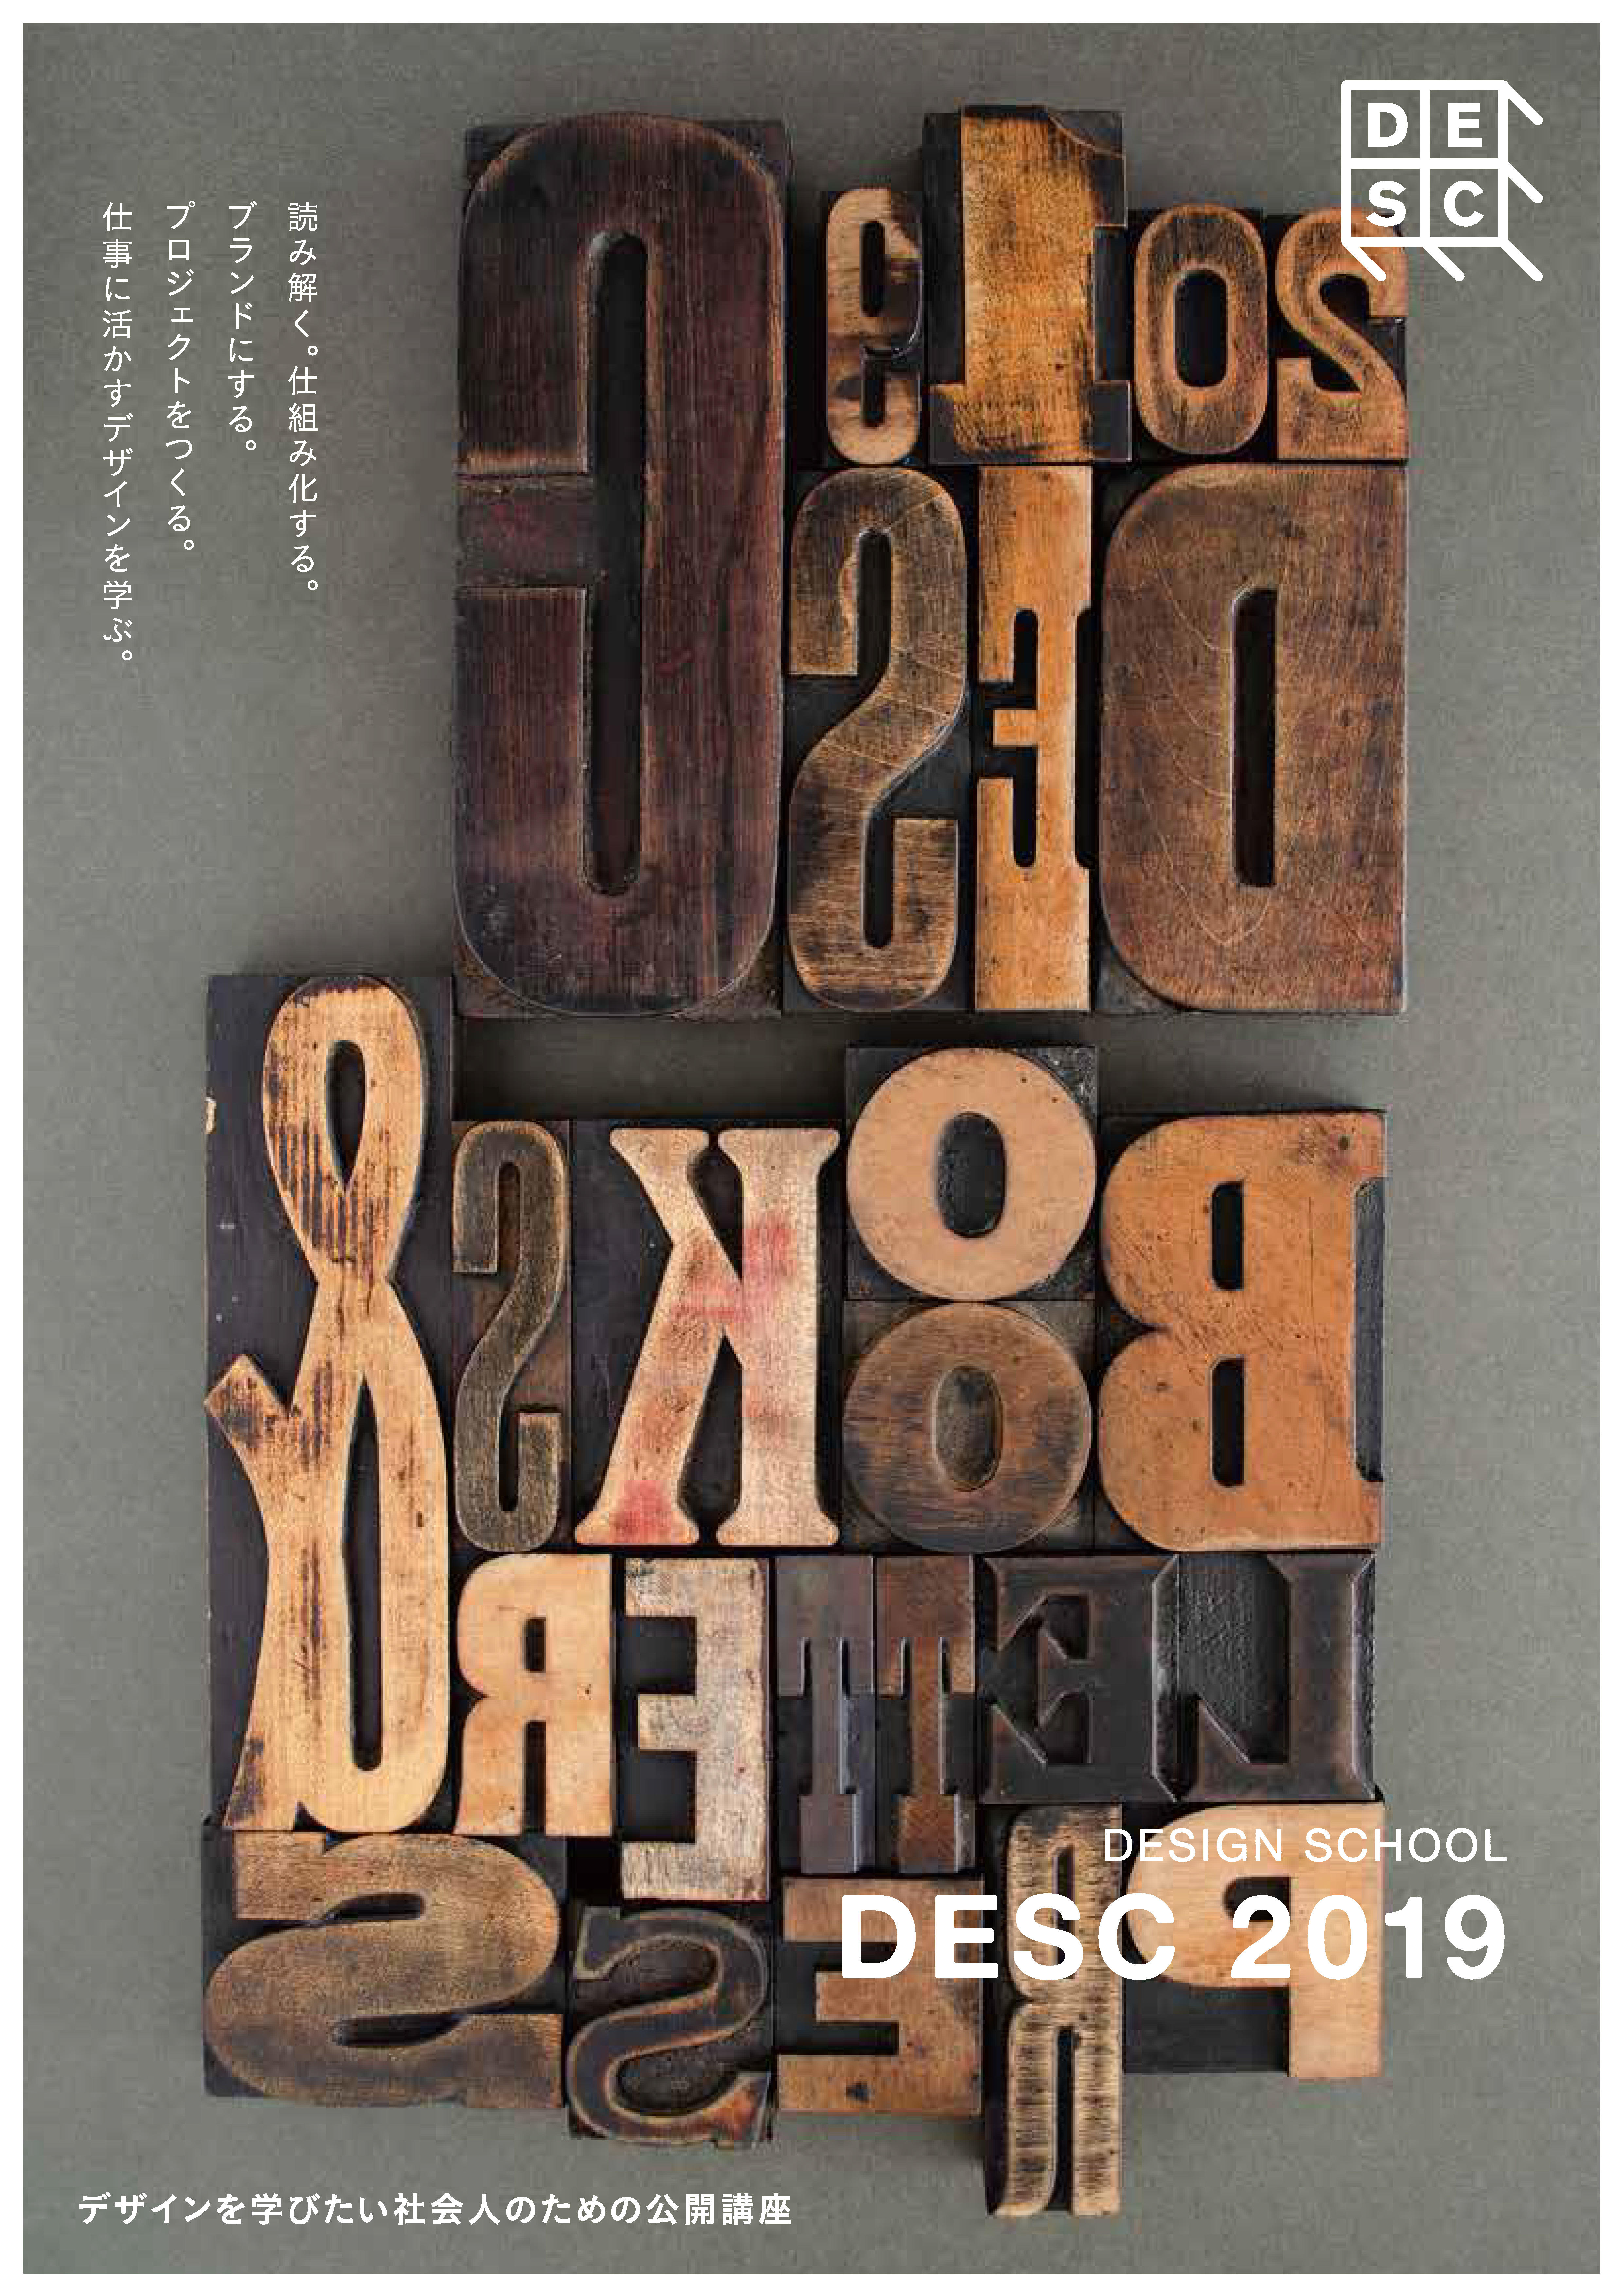 明星大学デザイン学部が開催する、社会人のための公開講座 -- 仕事に活かすデザインを学ぶ --